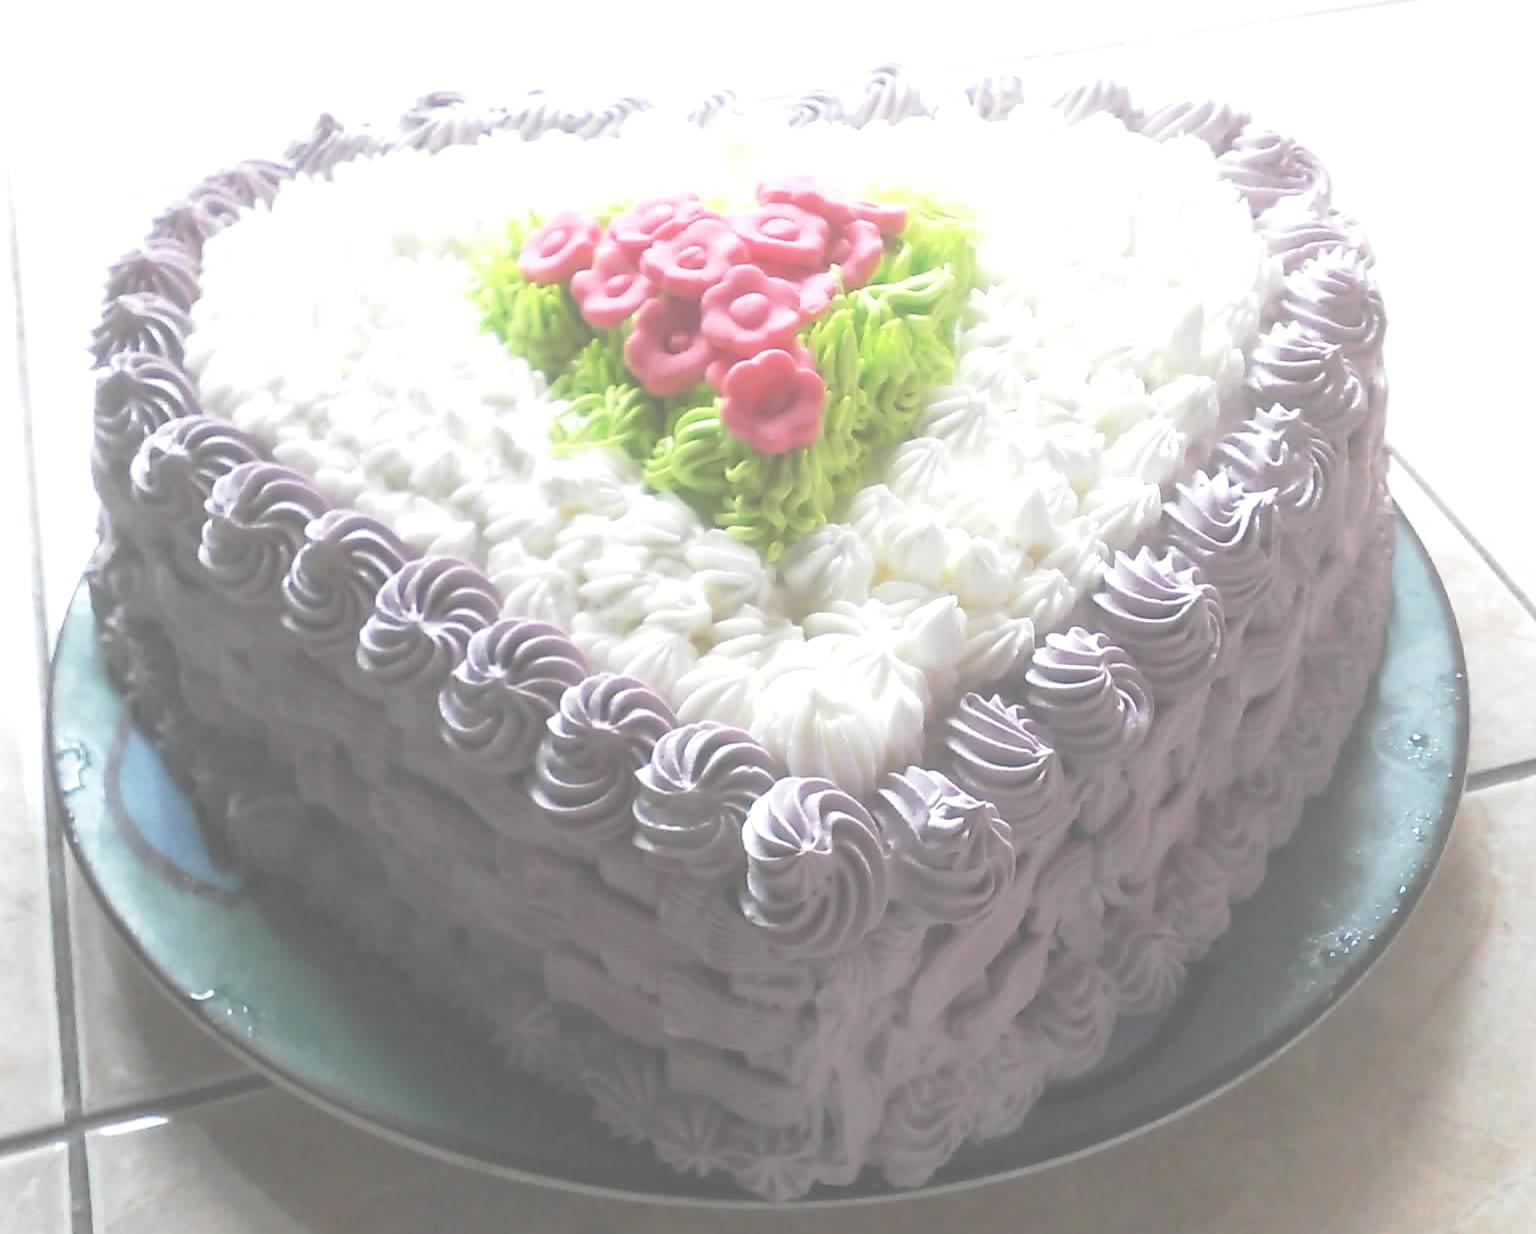 ... membuat kue ulang tahun itu hmm menurutku cukup cantik inilah hasilnya